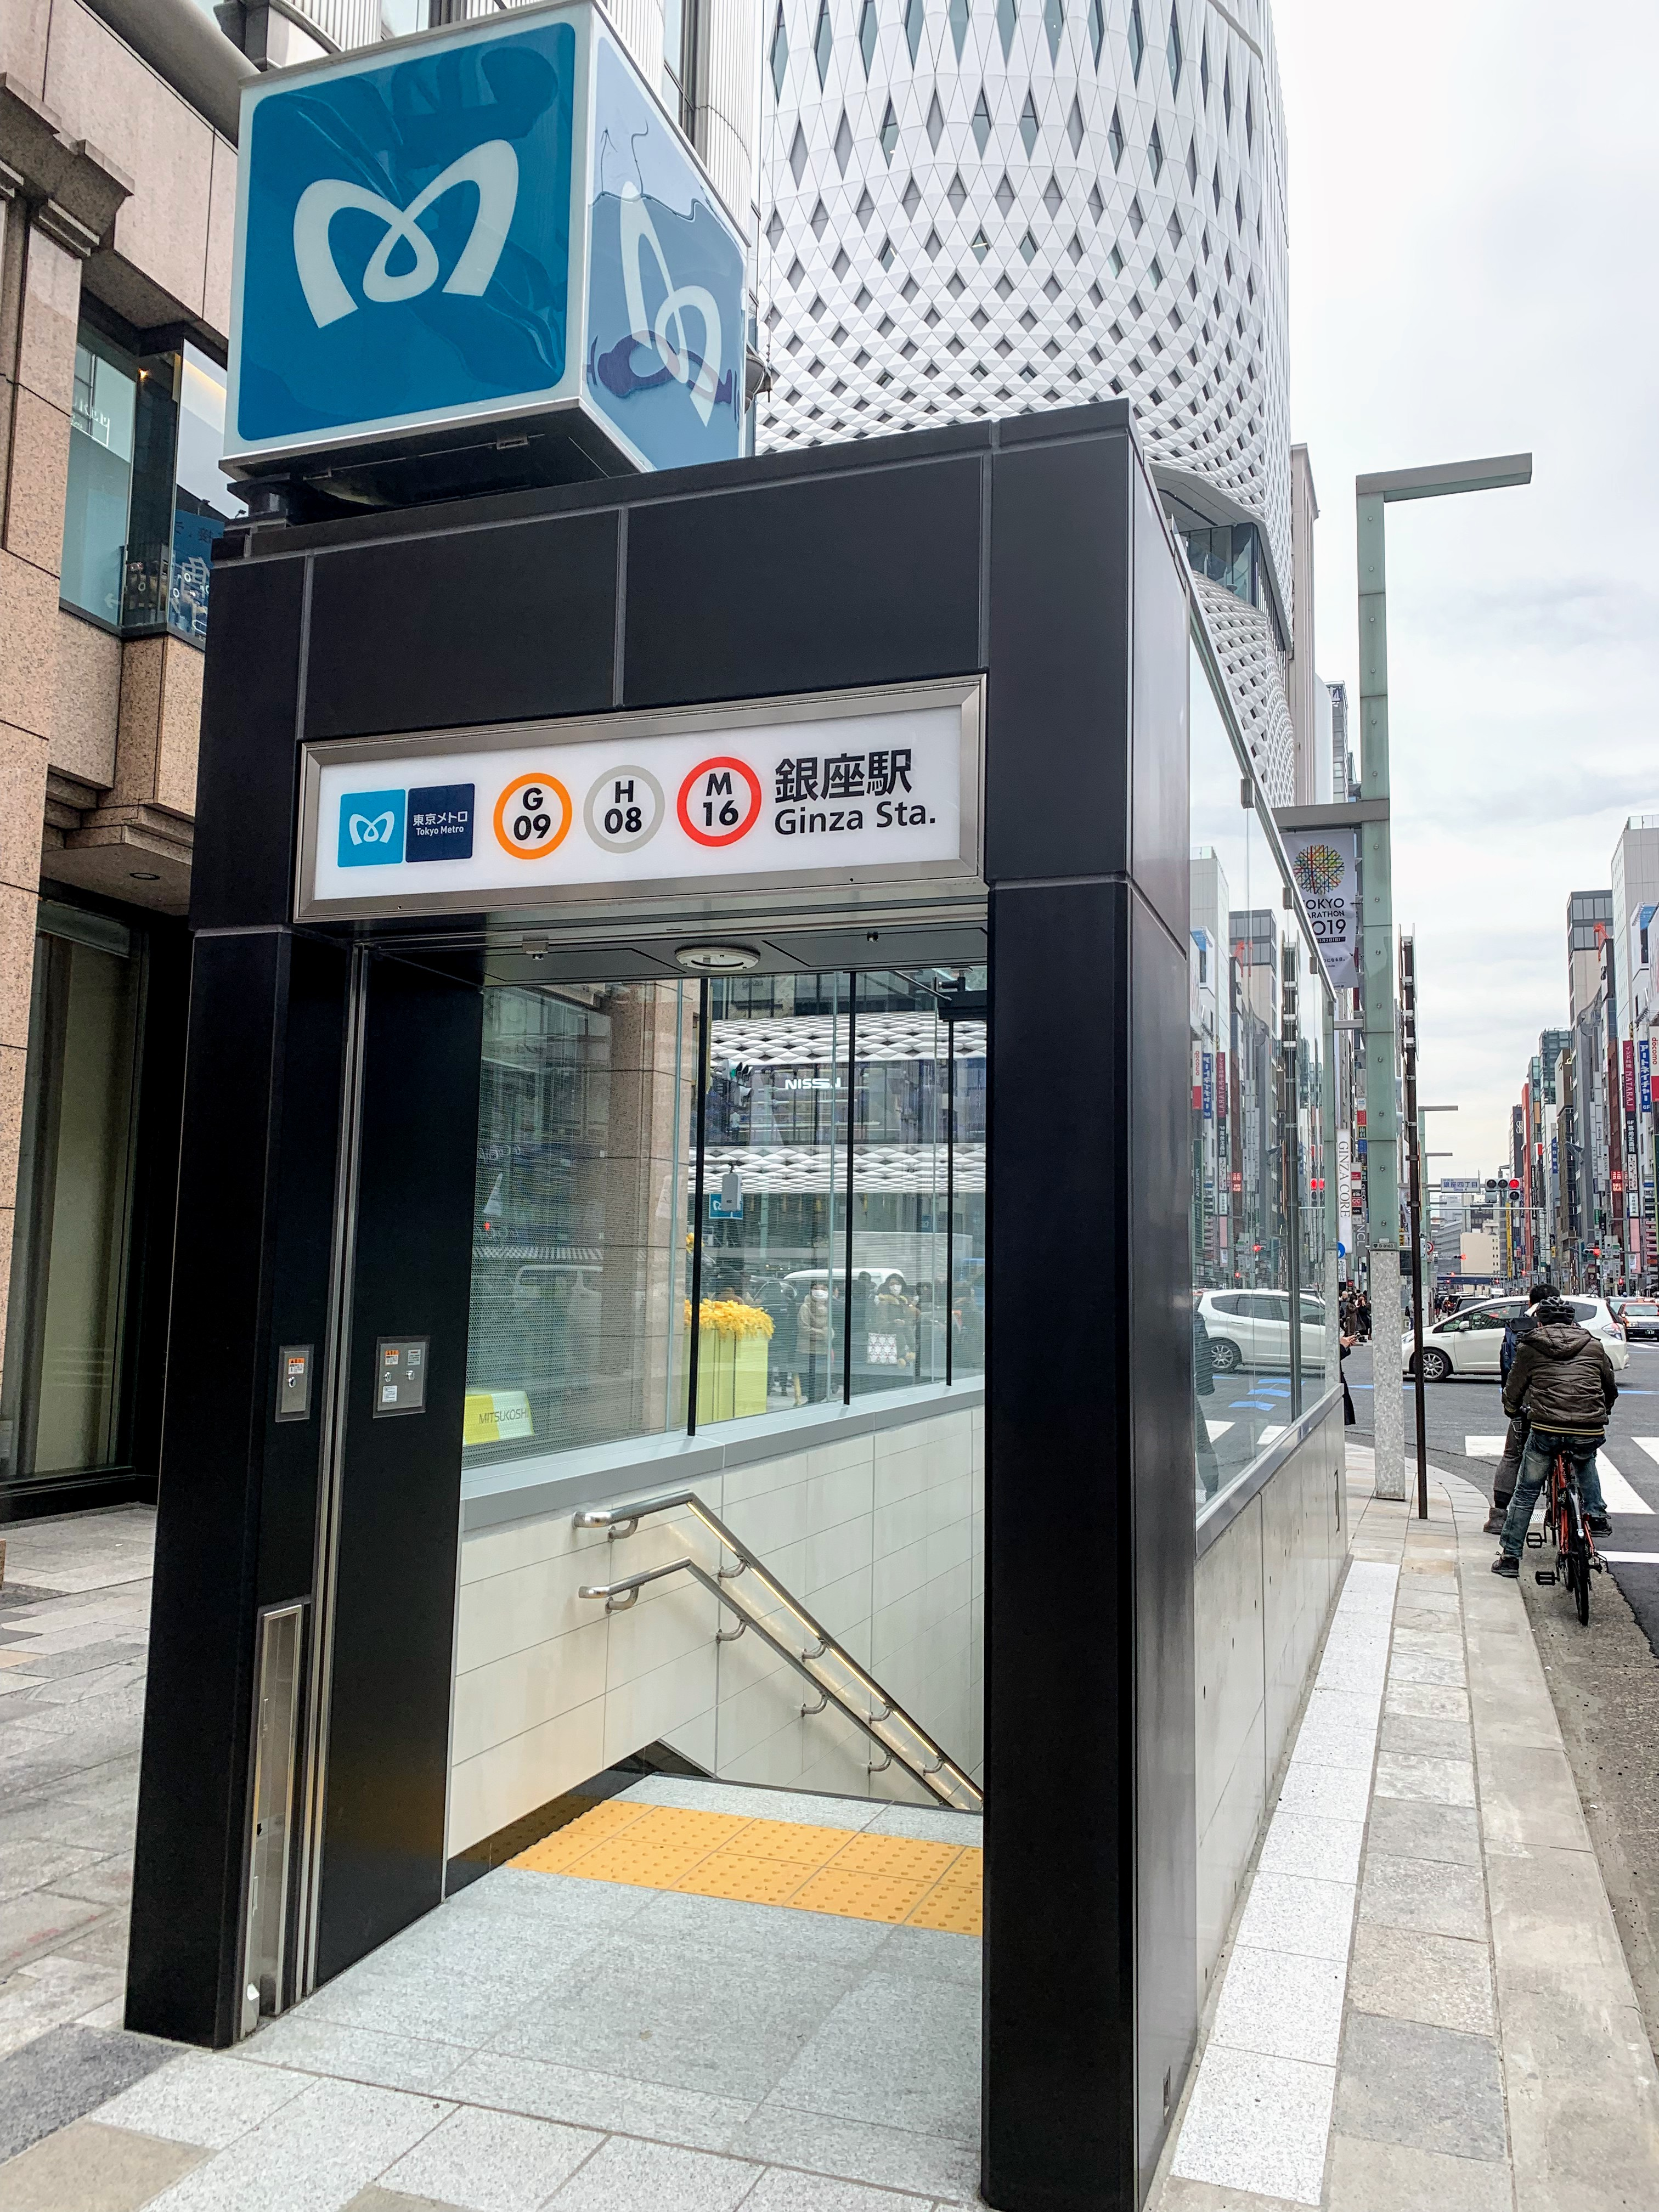 東京メトロ 銀座線銀座駅上屋